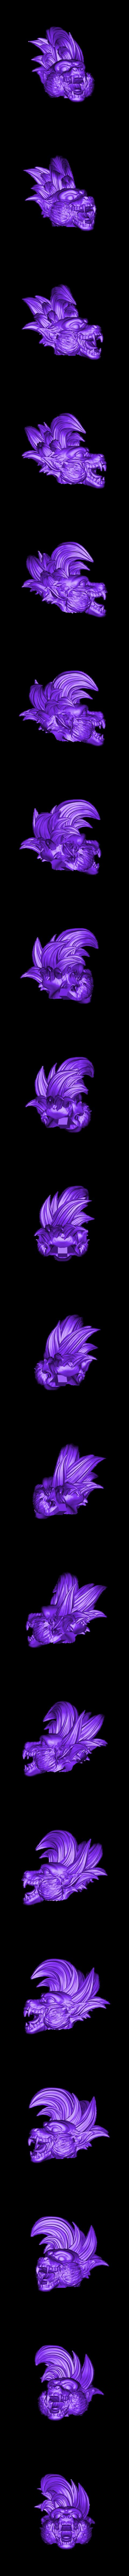 Head.stl Download STL file Oozaru Baby - Dragon ball - 3D print model  • Object to 3D print, Bstar3Dart